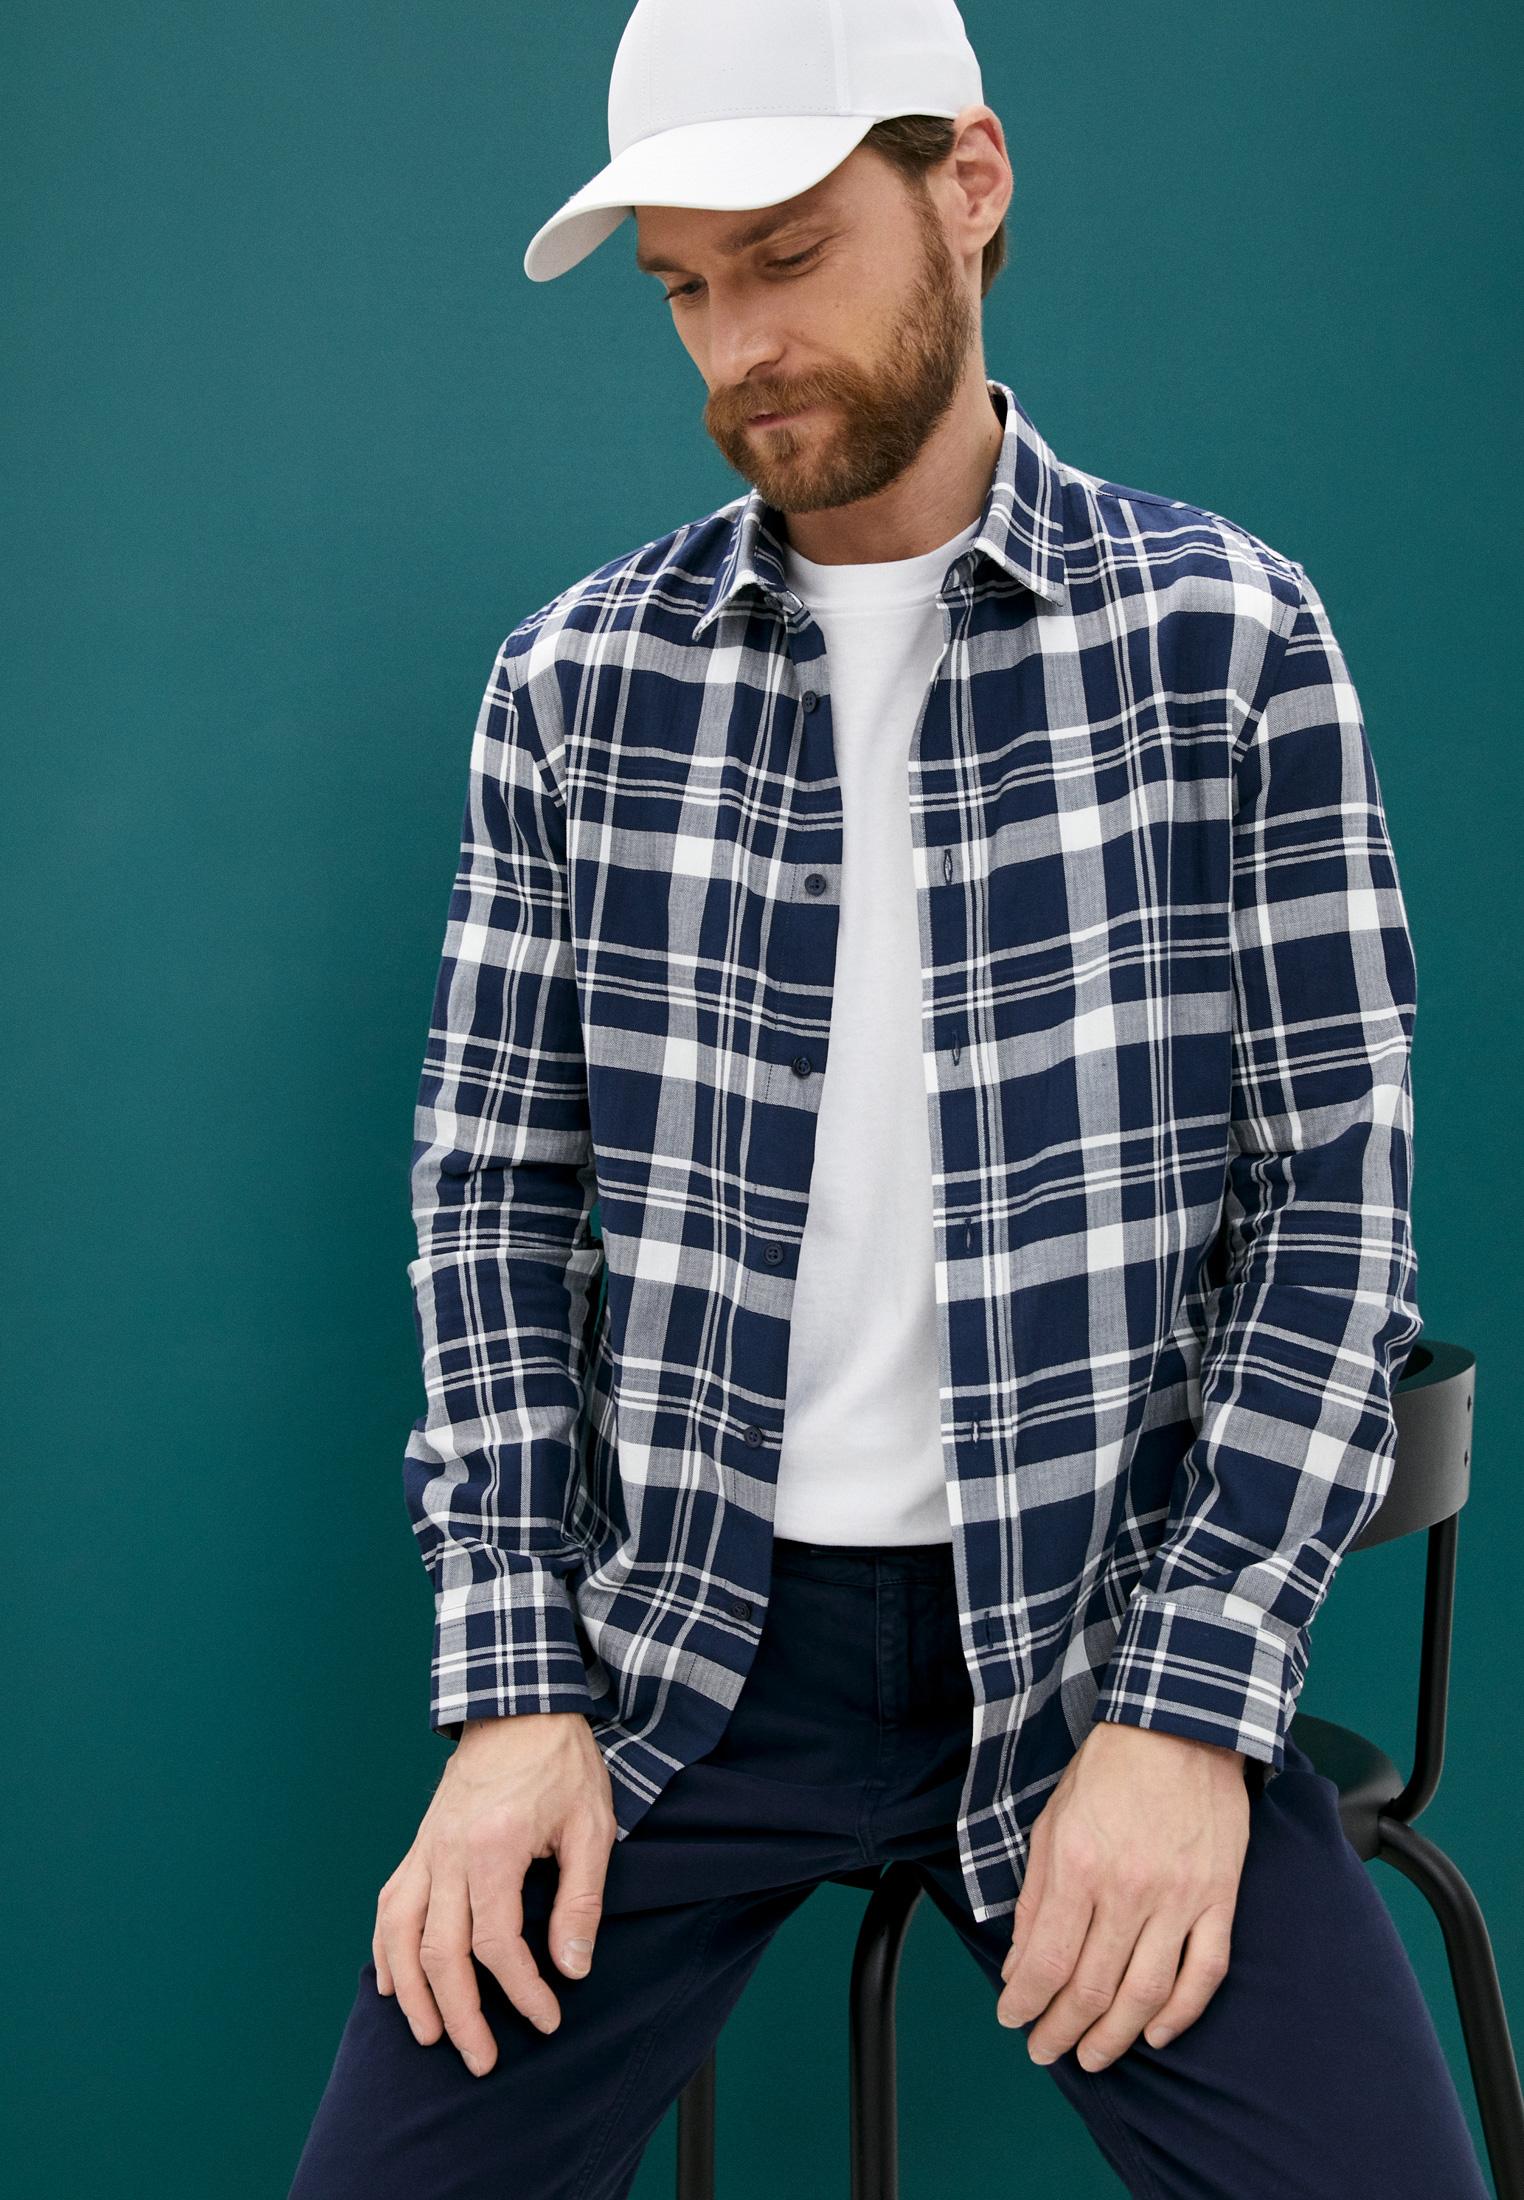 Рубашка с длинным рукавом Bikkembergs (Биккембергс) C C 009 04 S 3348: изображение 2